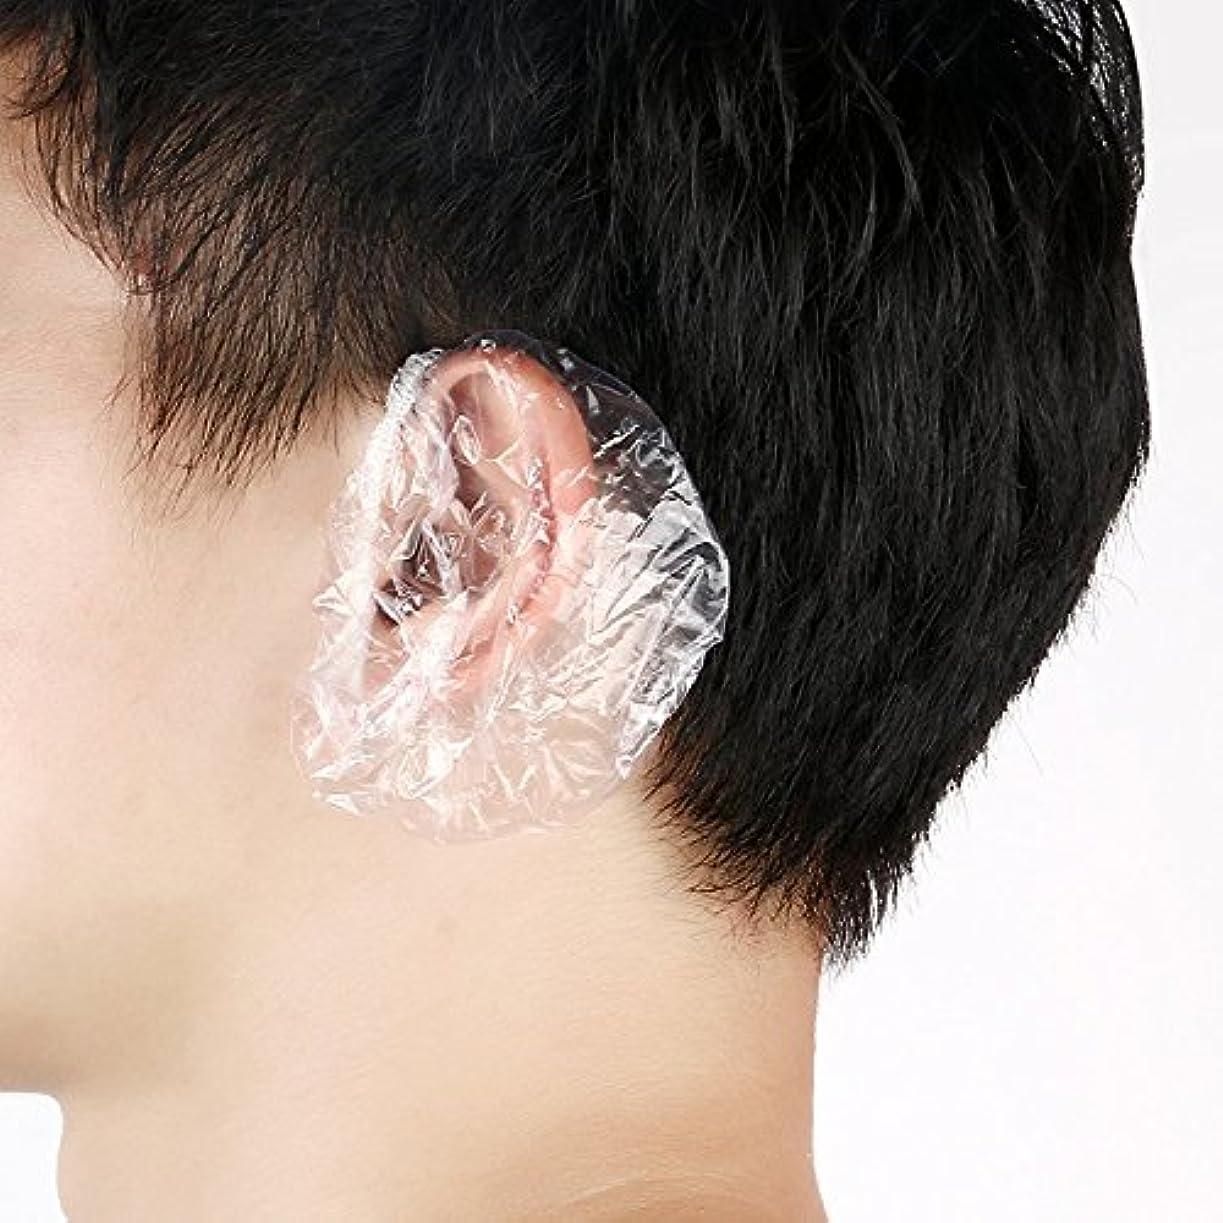 決定する懺悔一AMAA 耳キャップ 毛染め用 耳カバー  使い捨て 衛生的 袋入 100枚入り